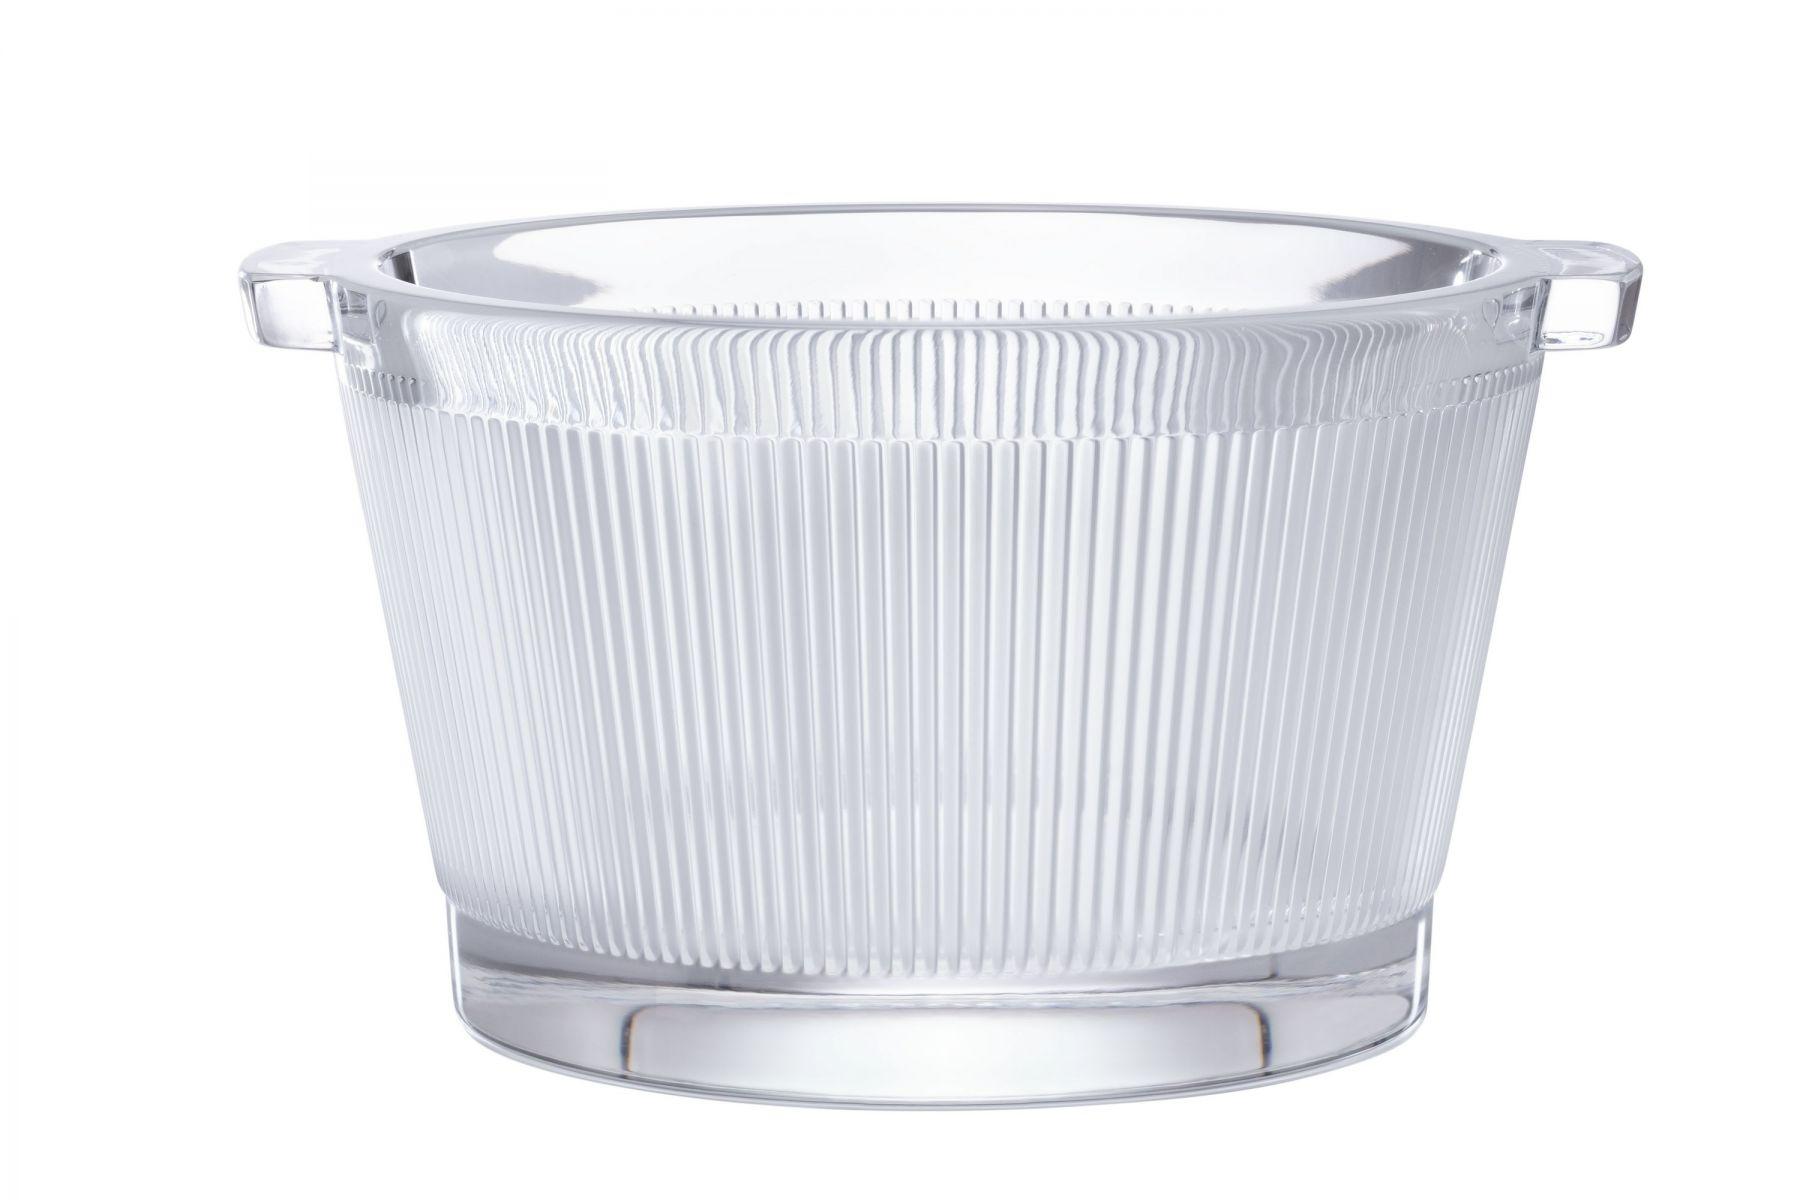 BD-10688500-Ice-bucket-Image-©-LALIQUE-SA